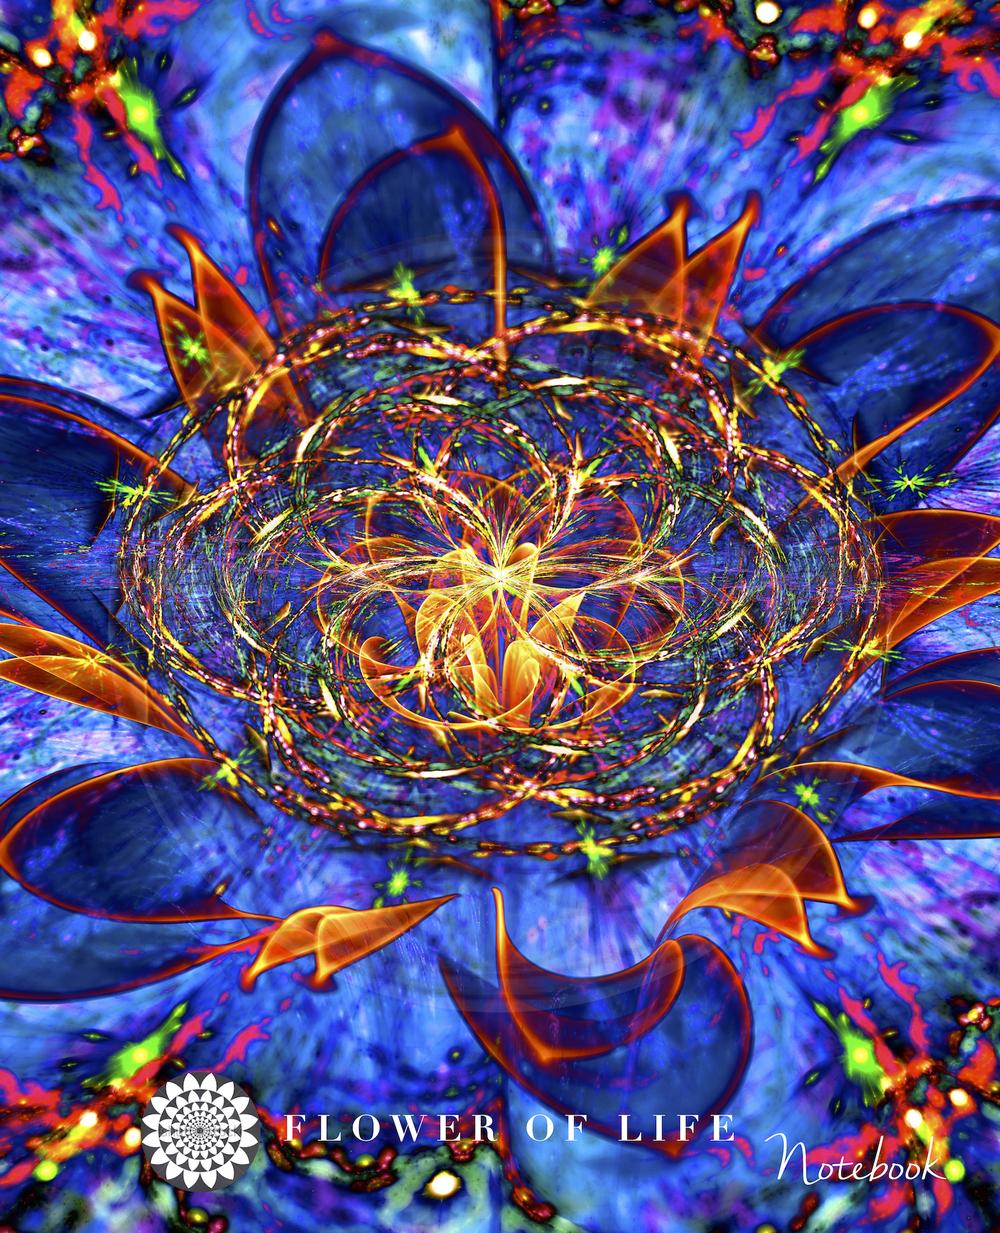 INDIGLOW FLOWER